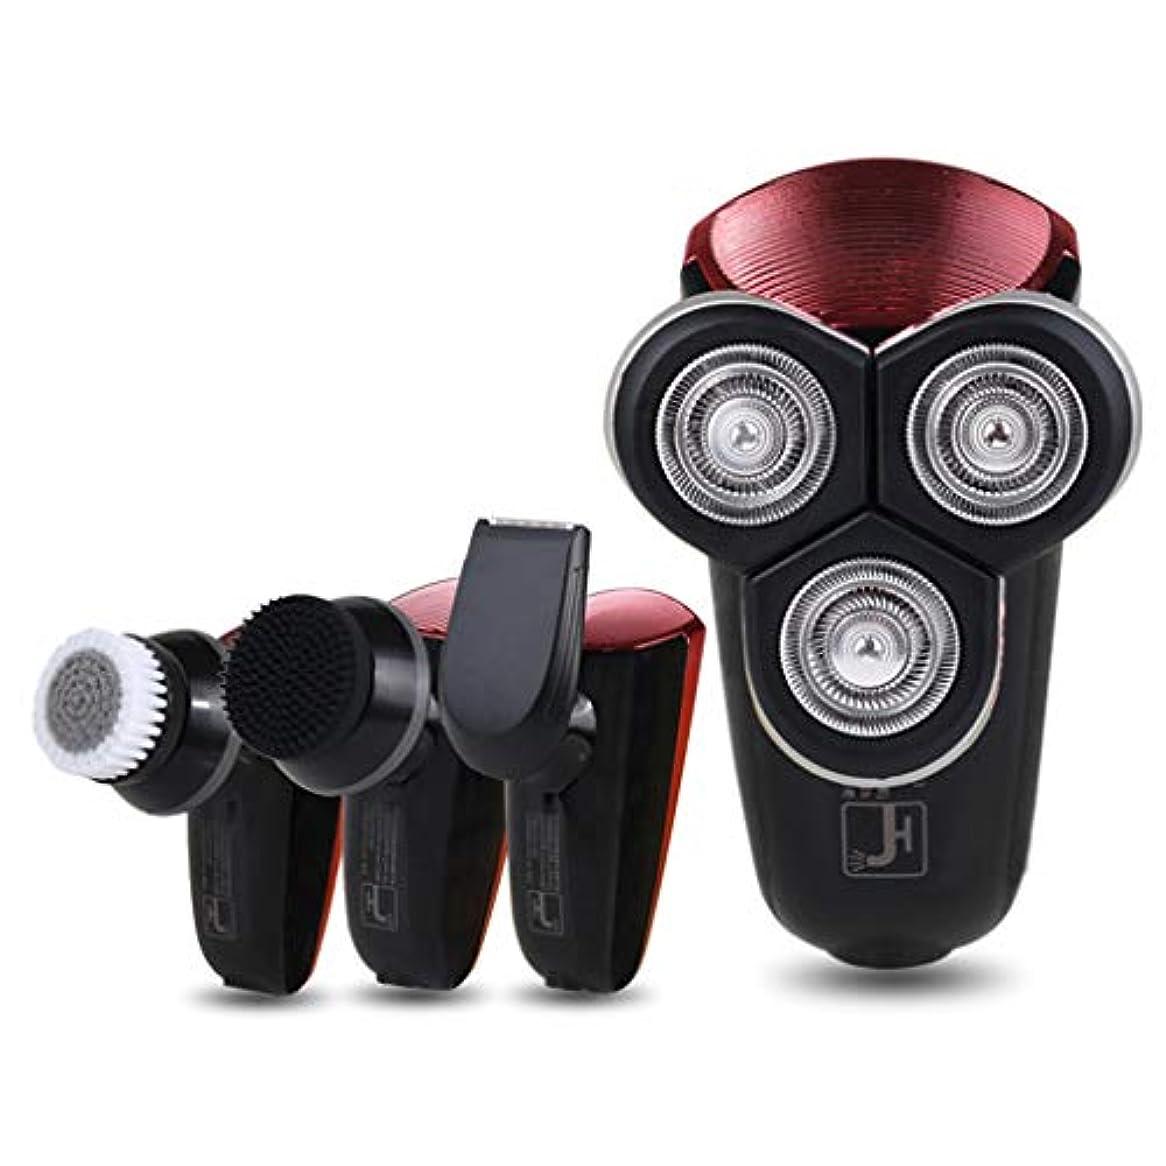 計画的鷲桁コードレスカミソリ、多機能メンズコードレスビアードトリマー/ヘアカット/クレンジング/コーナートリム、ギフト